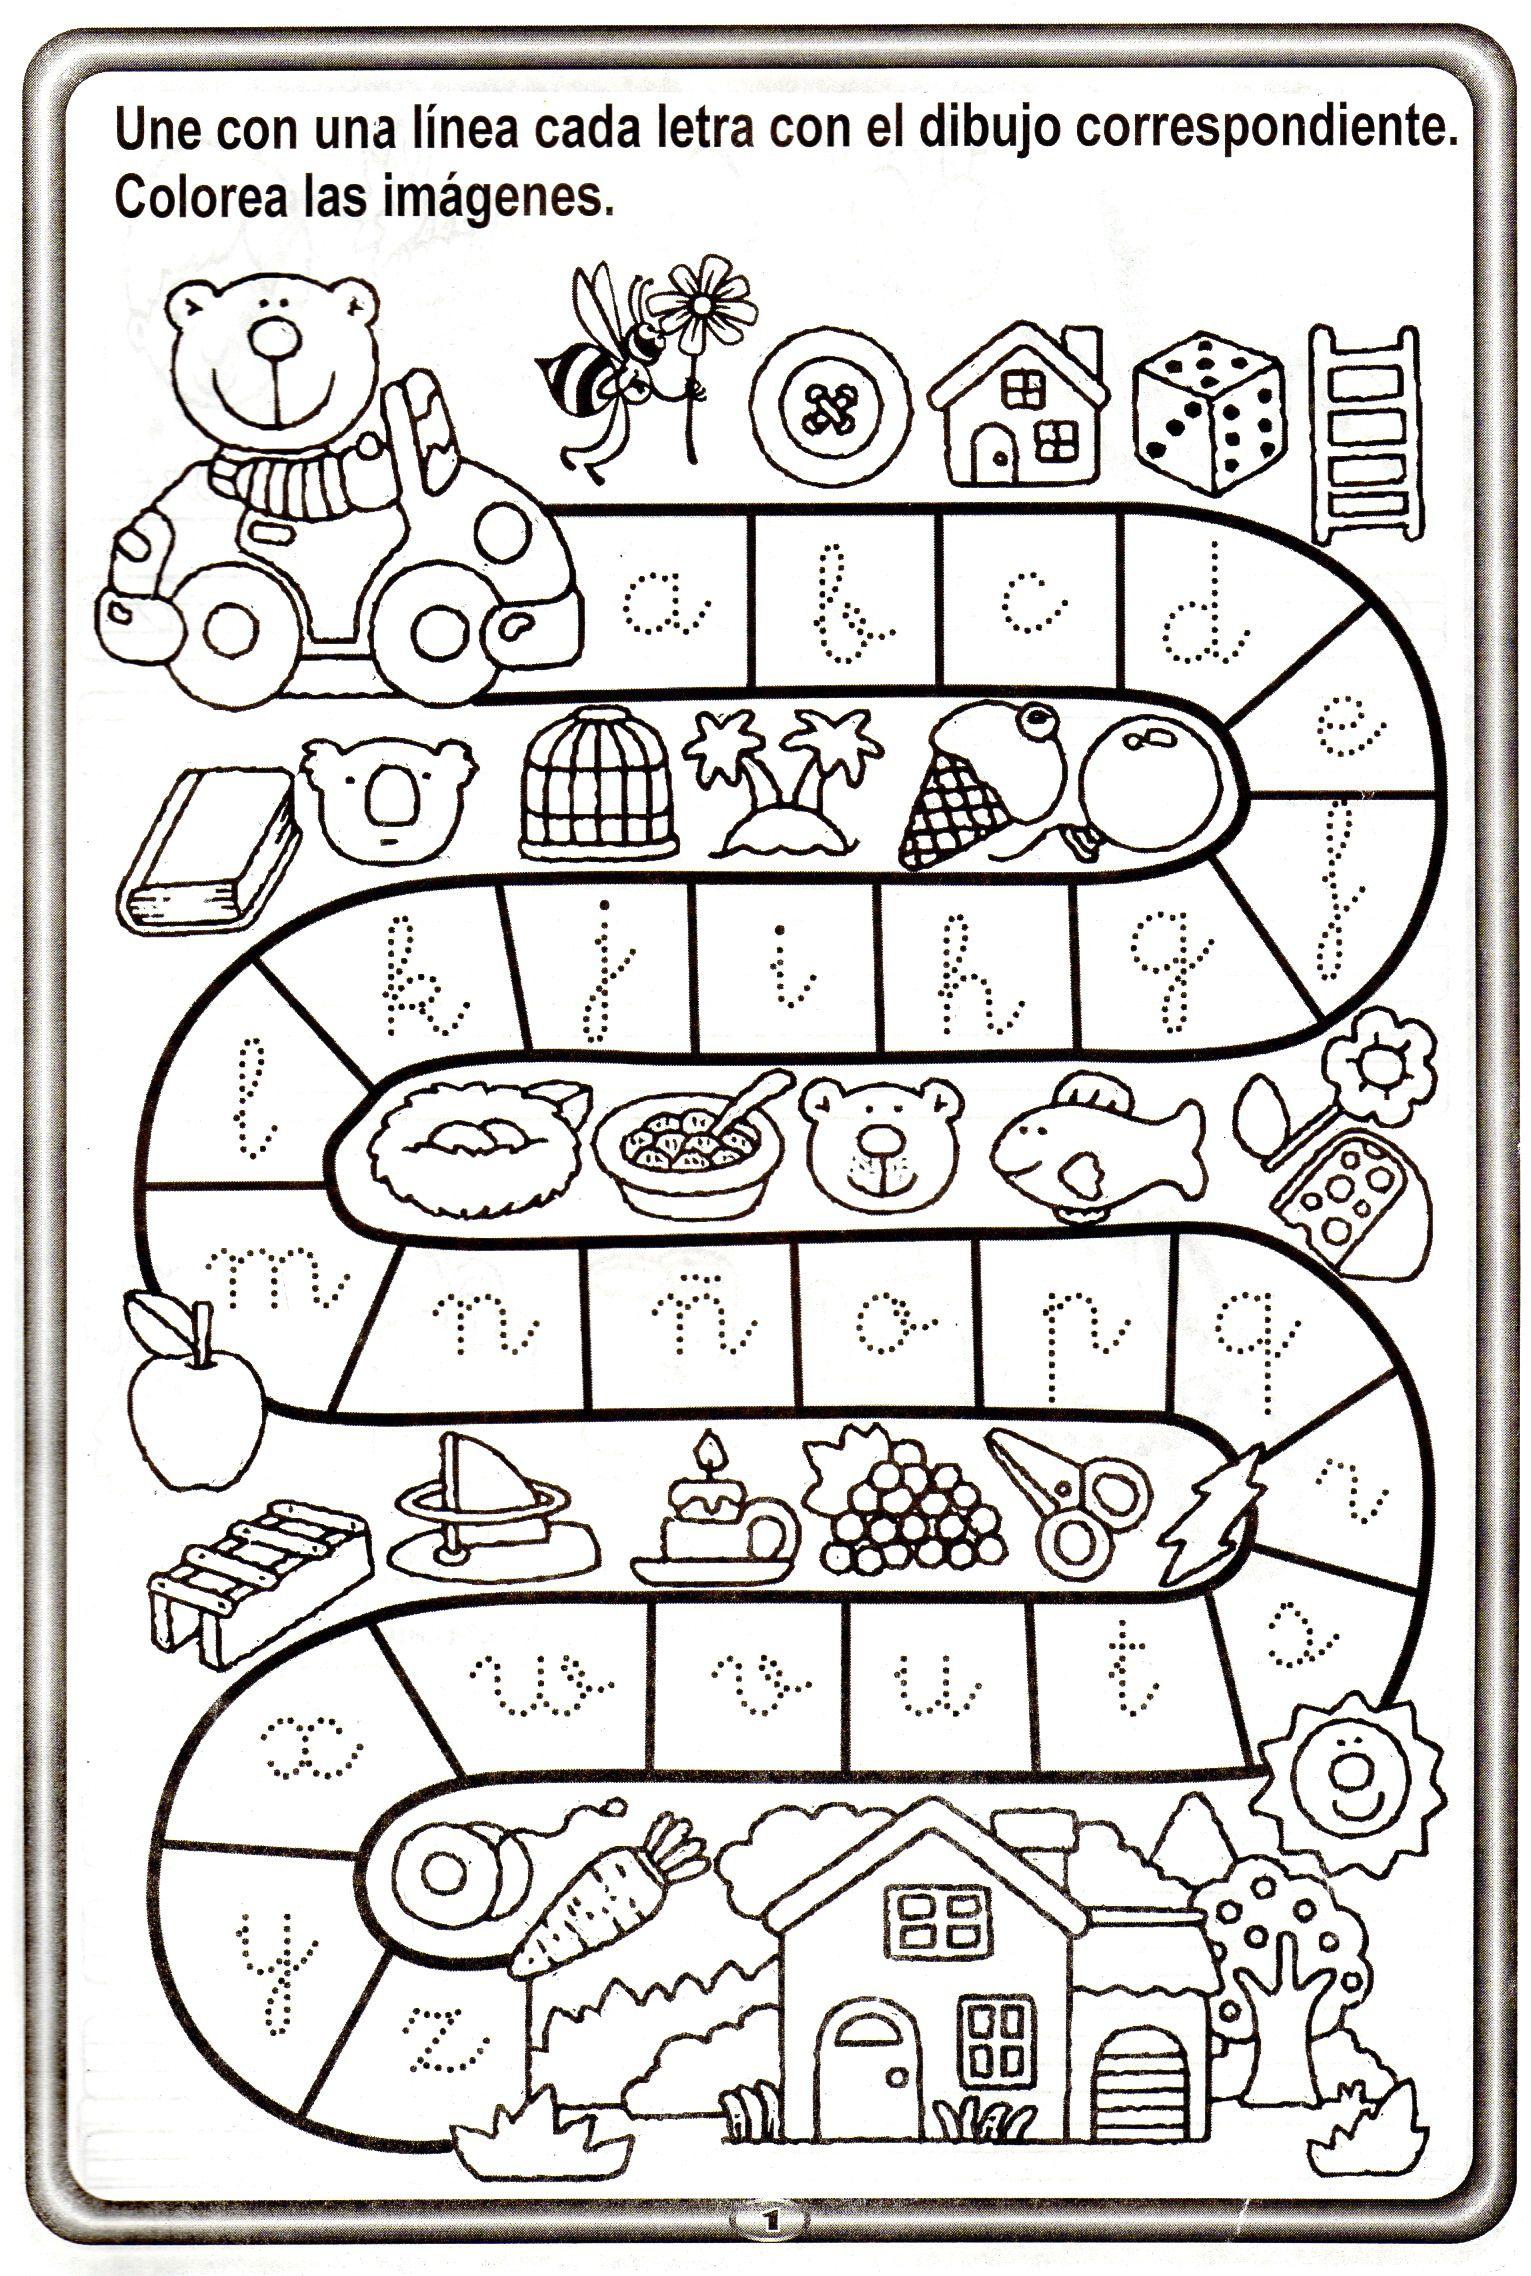 abecedario y trazos001 | lectoescritura | Pinterest | Abecedario ...